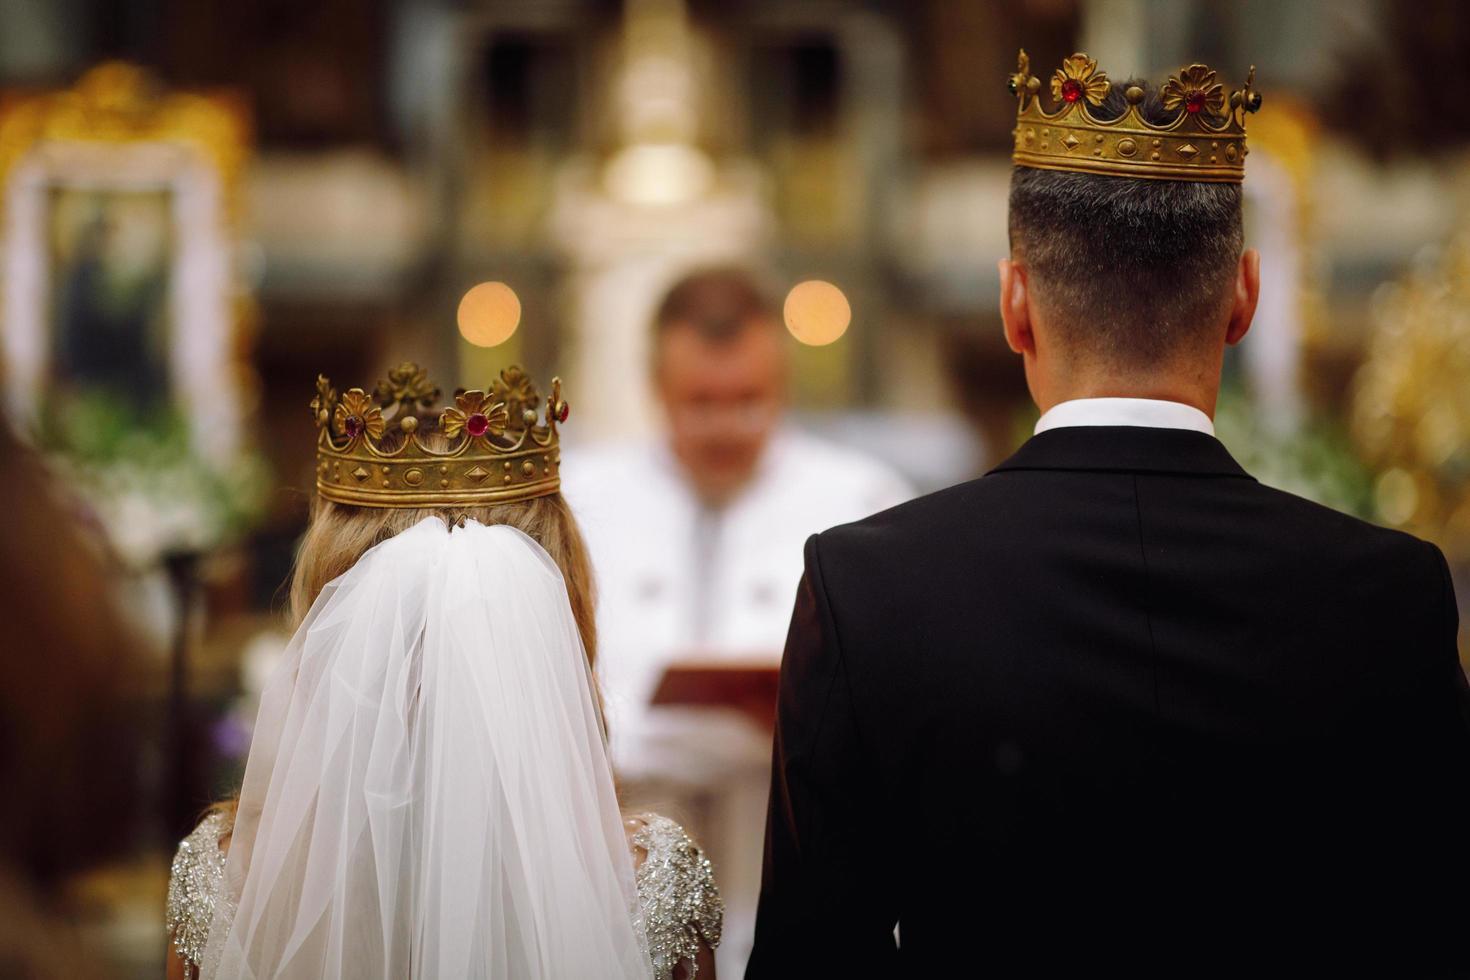 Europe, 2018 - couple se marie à l'intérieur d'une église catholique. photo